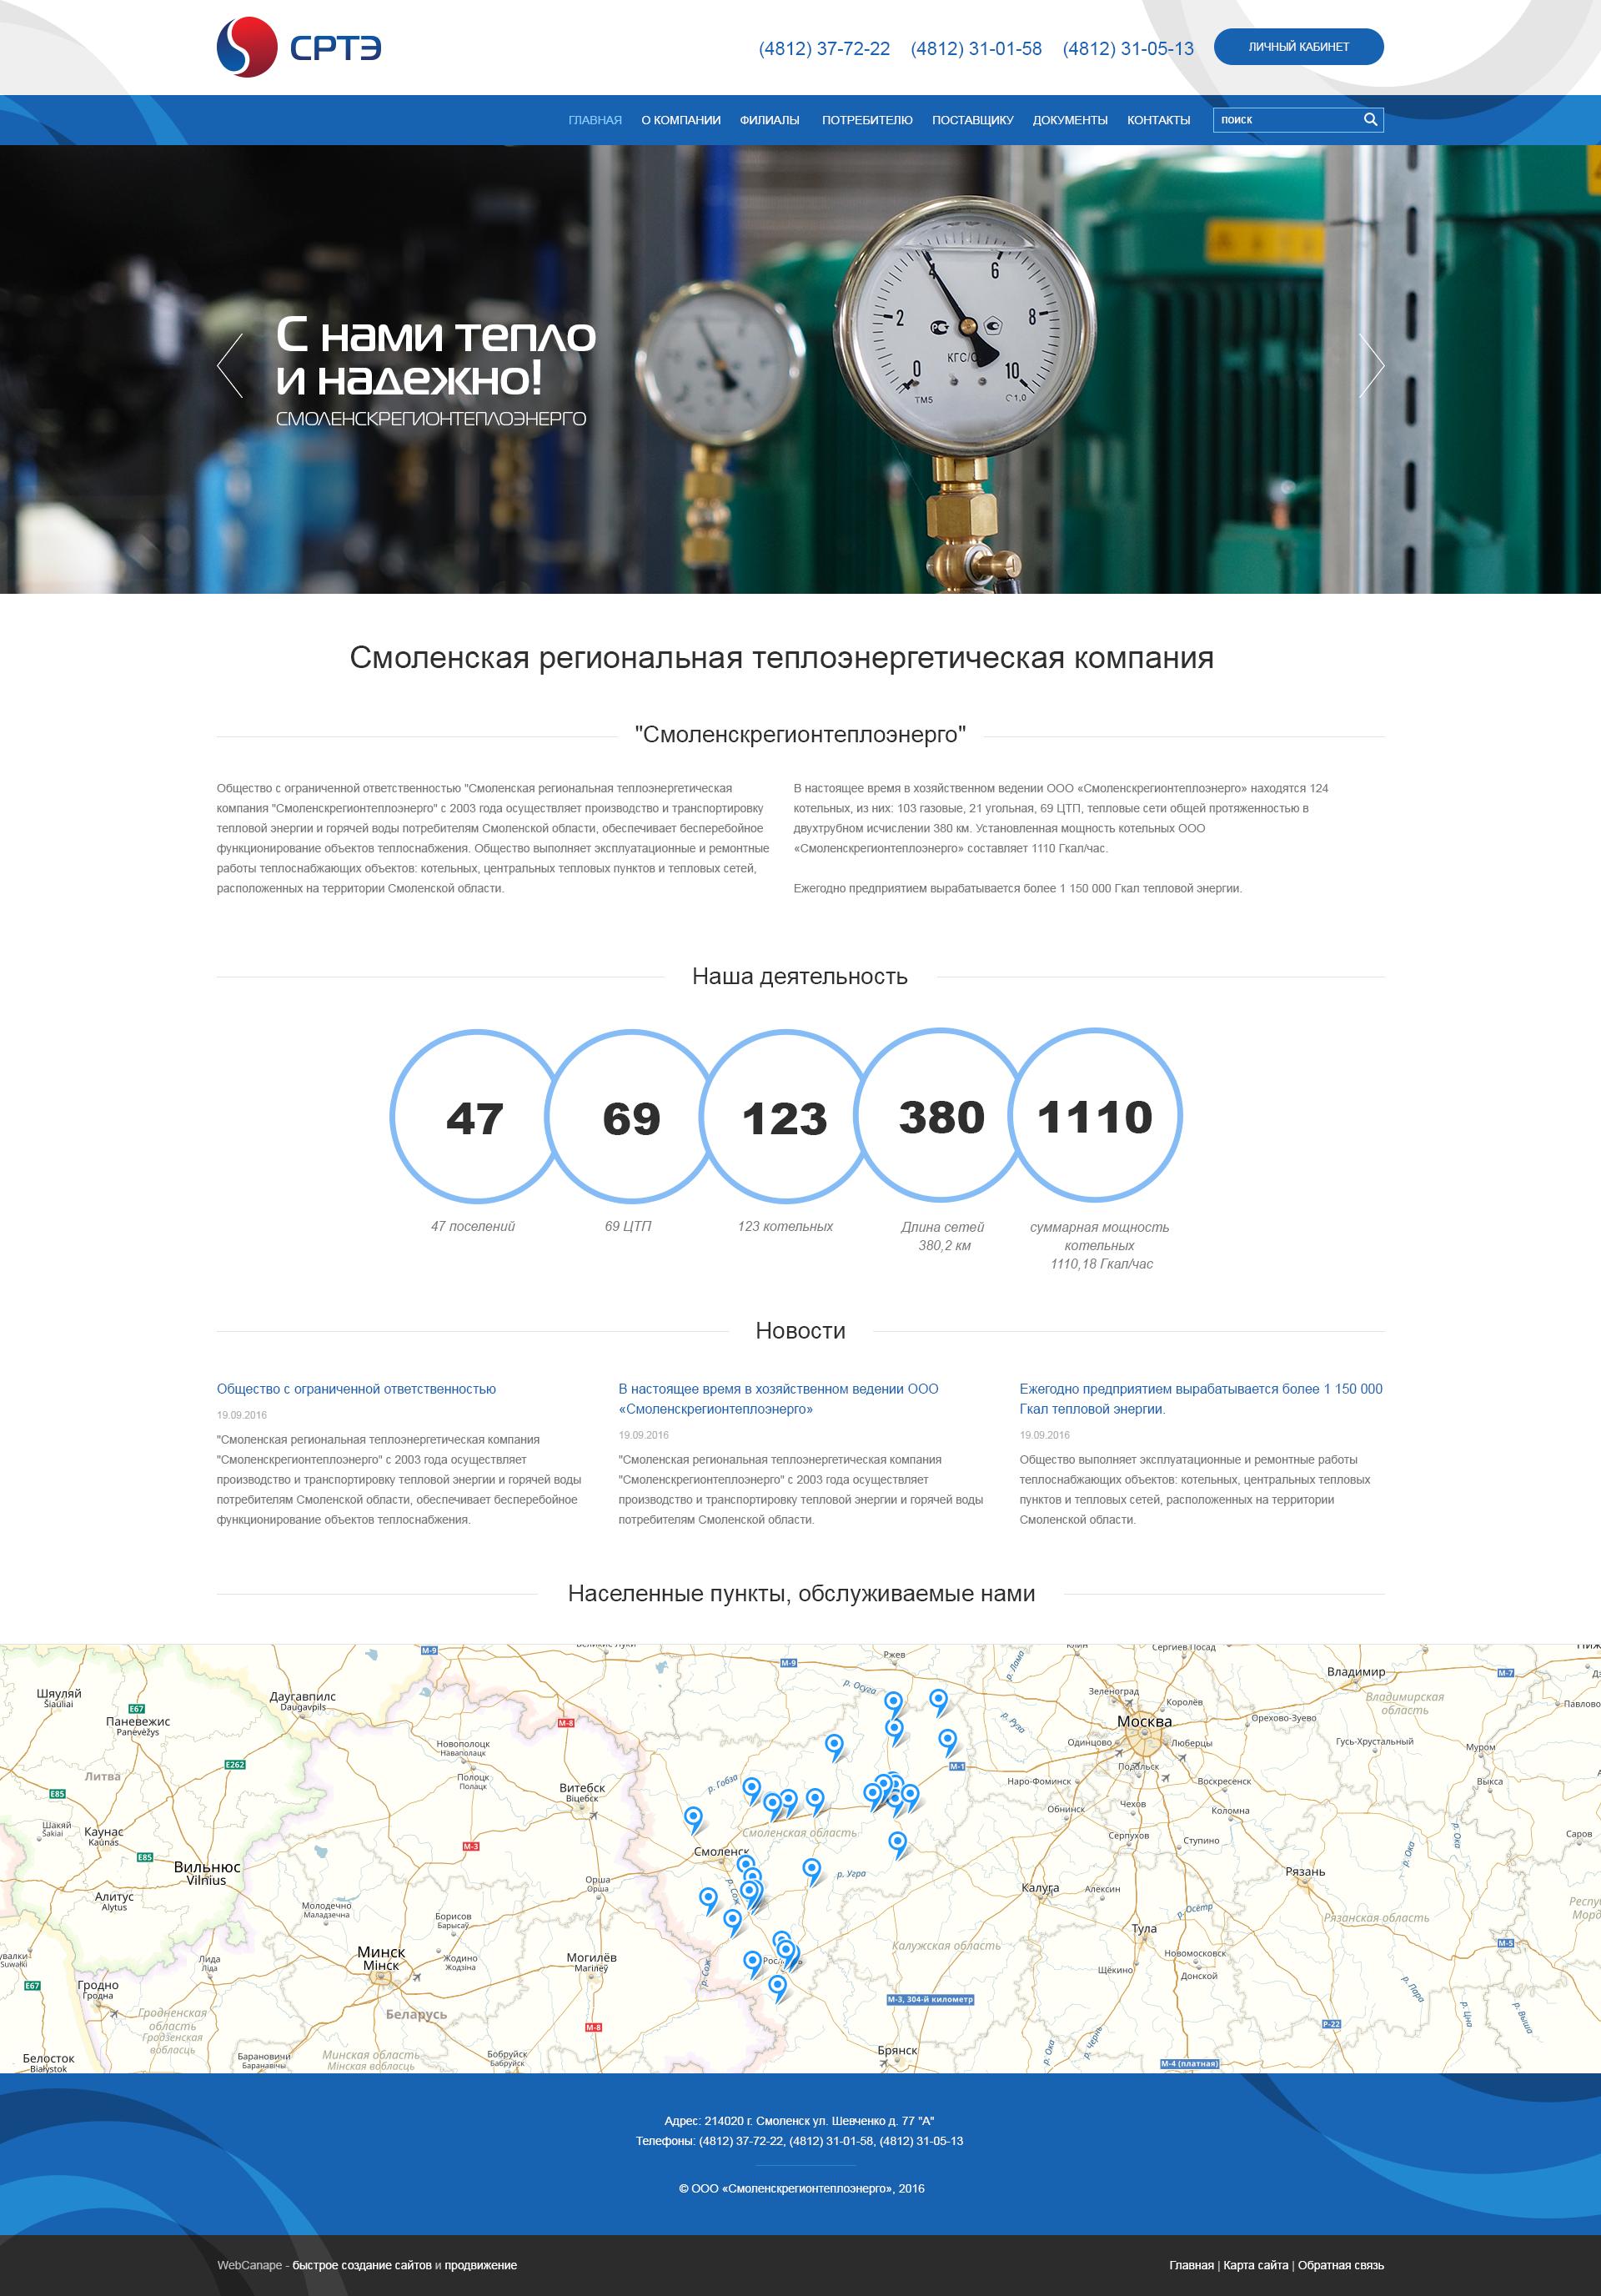 Разработка сайта Смоленской региональной теплоэнергетической компании